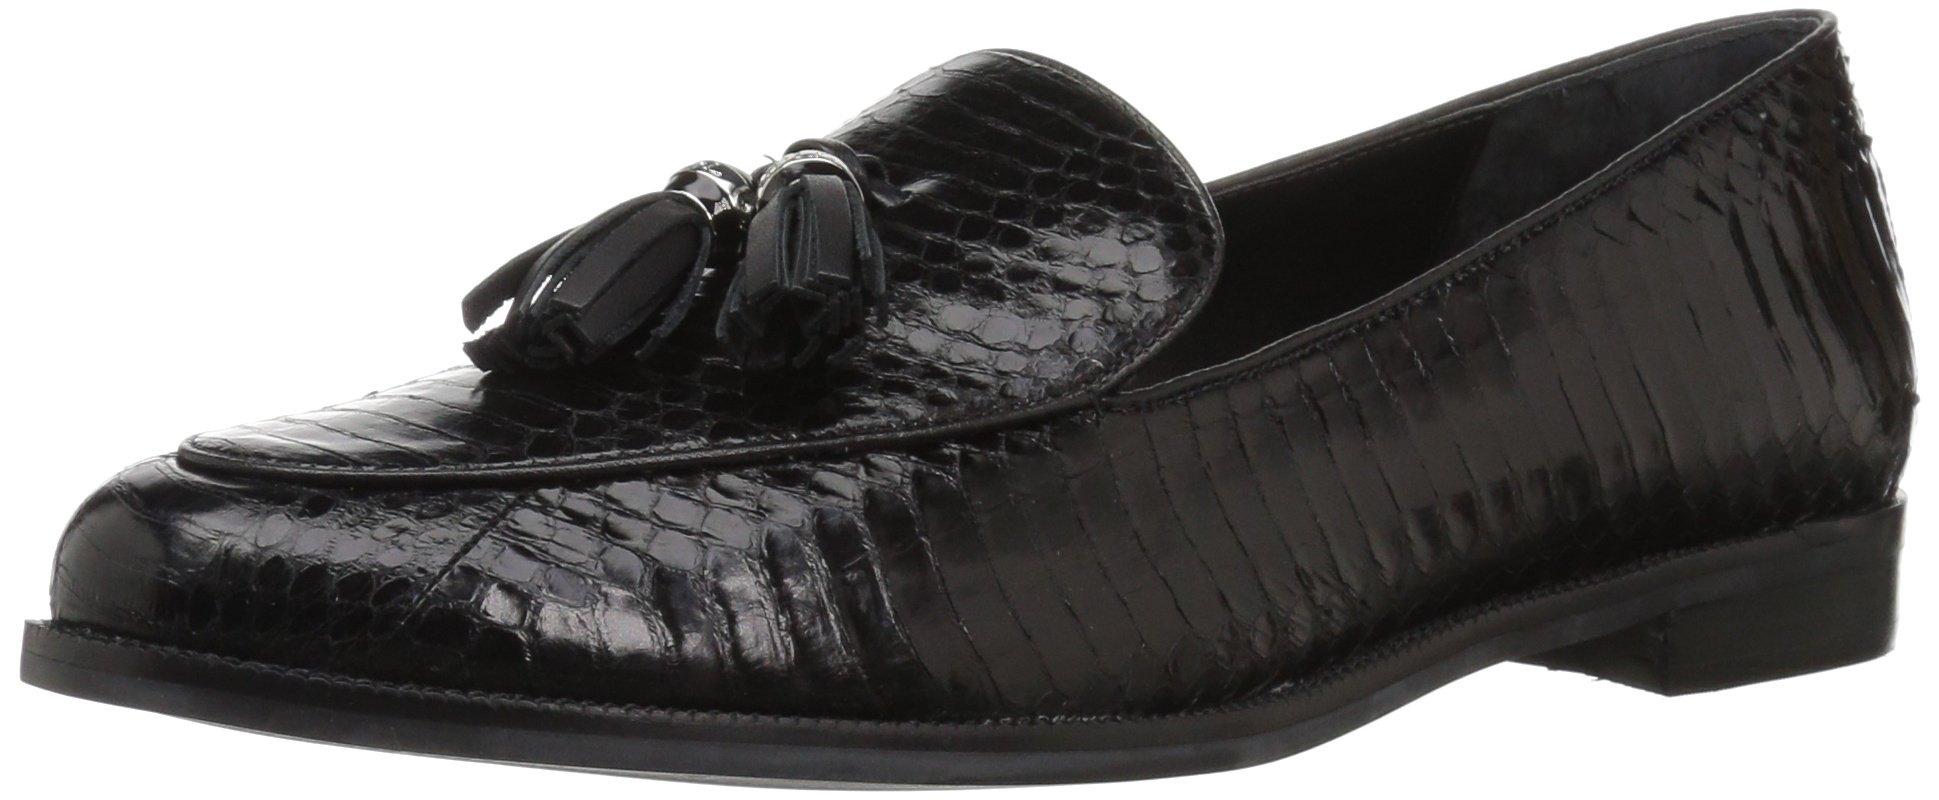 Lauren Ralph Lauren Women's Brindy Loafer, Black, 6.5 B US by Lauren by Ralph Lauren